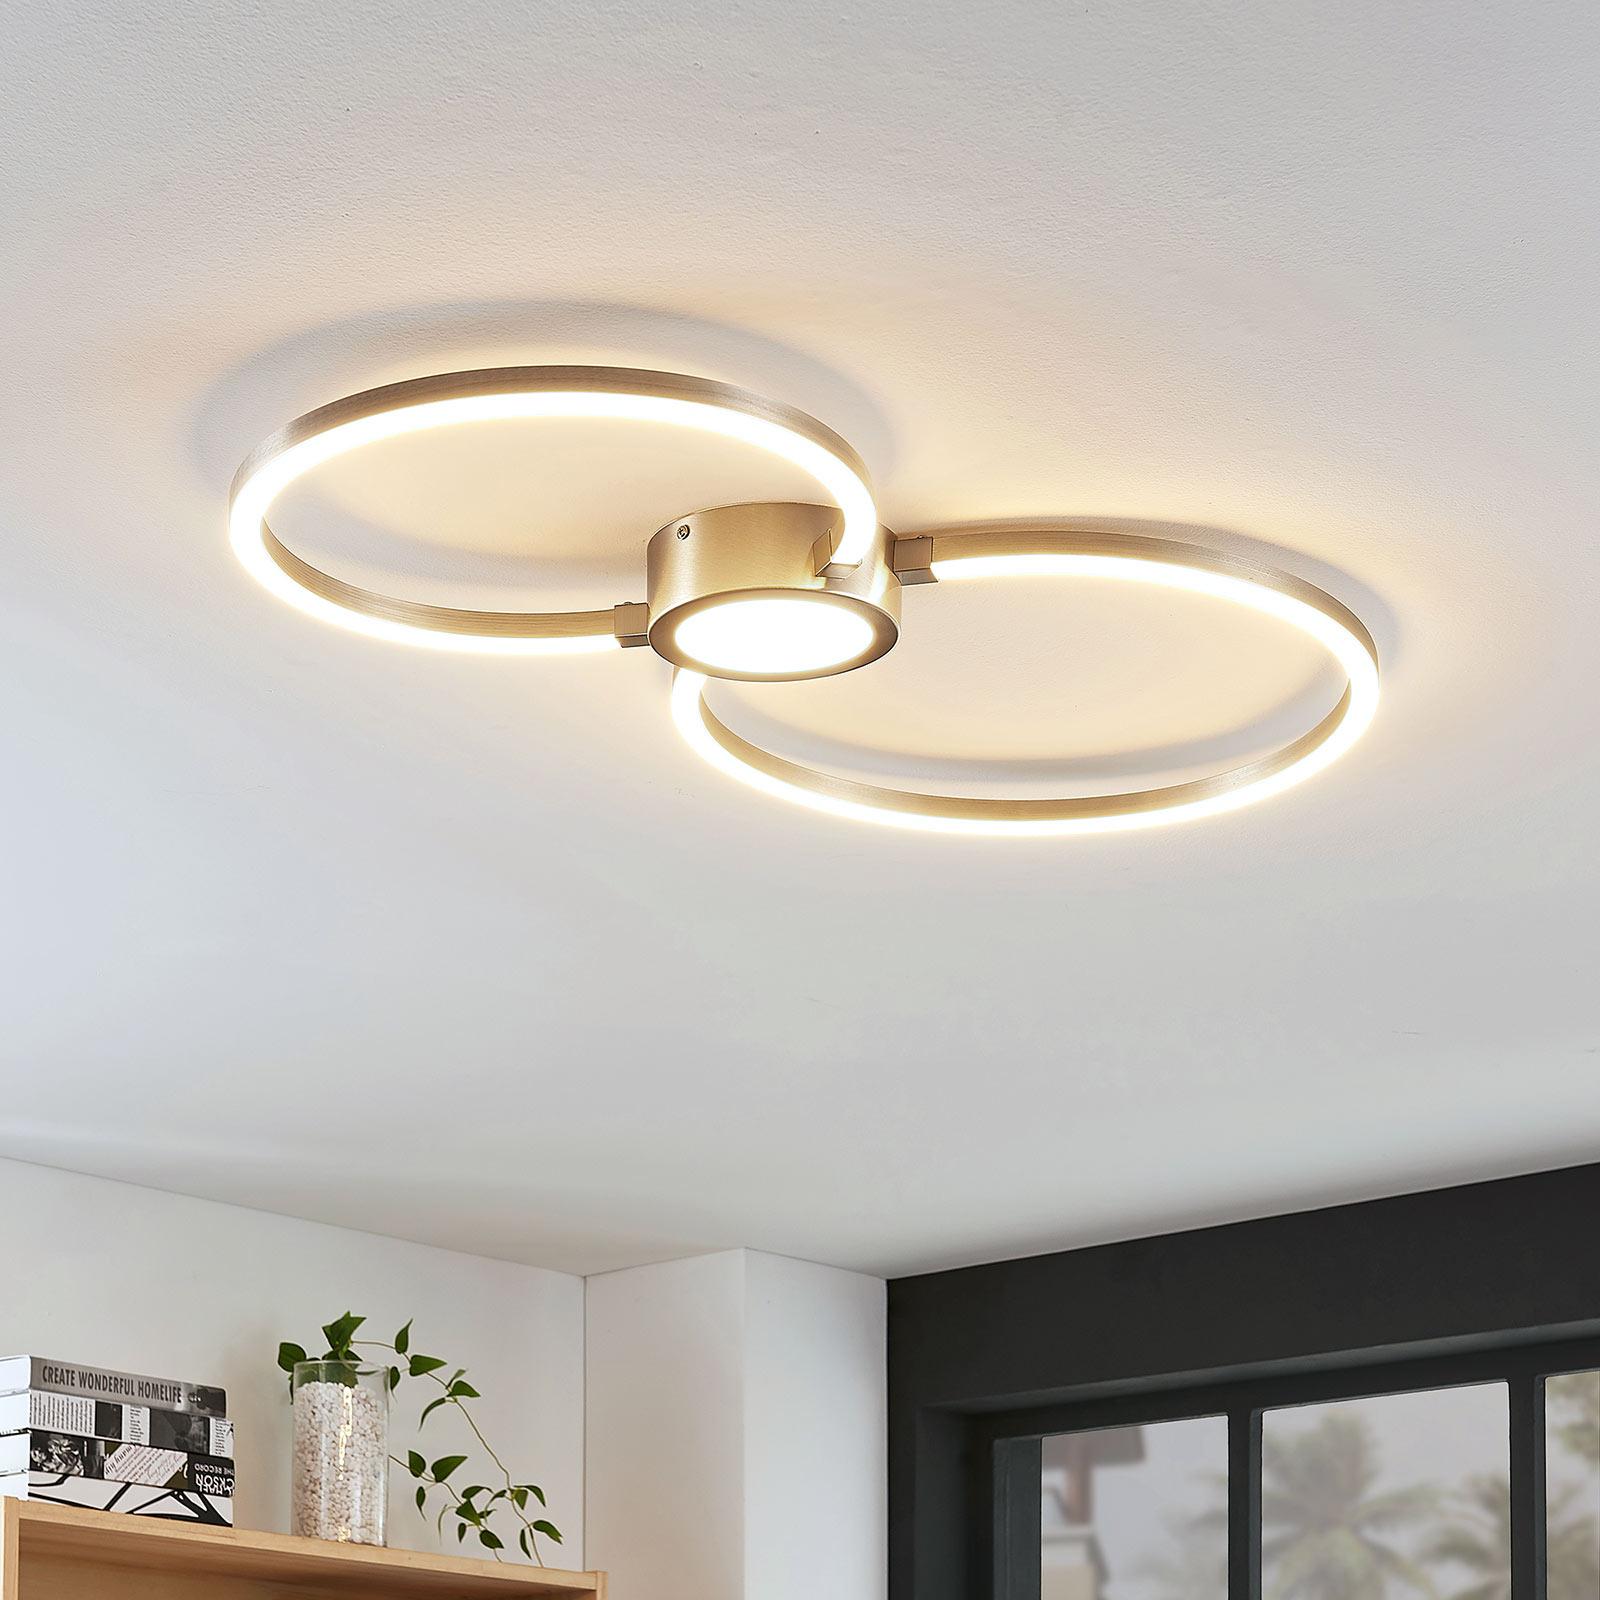 Plafoniera LED Duetto composta da due anelli